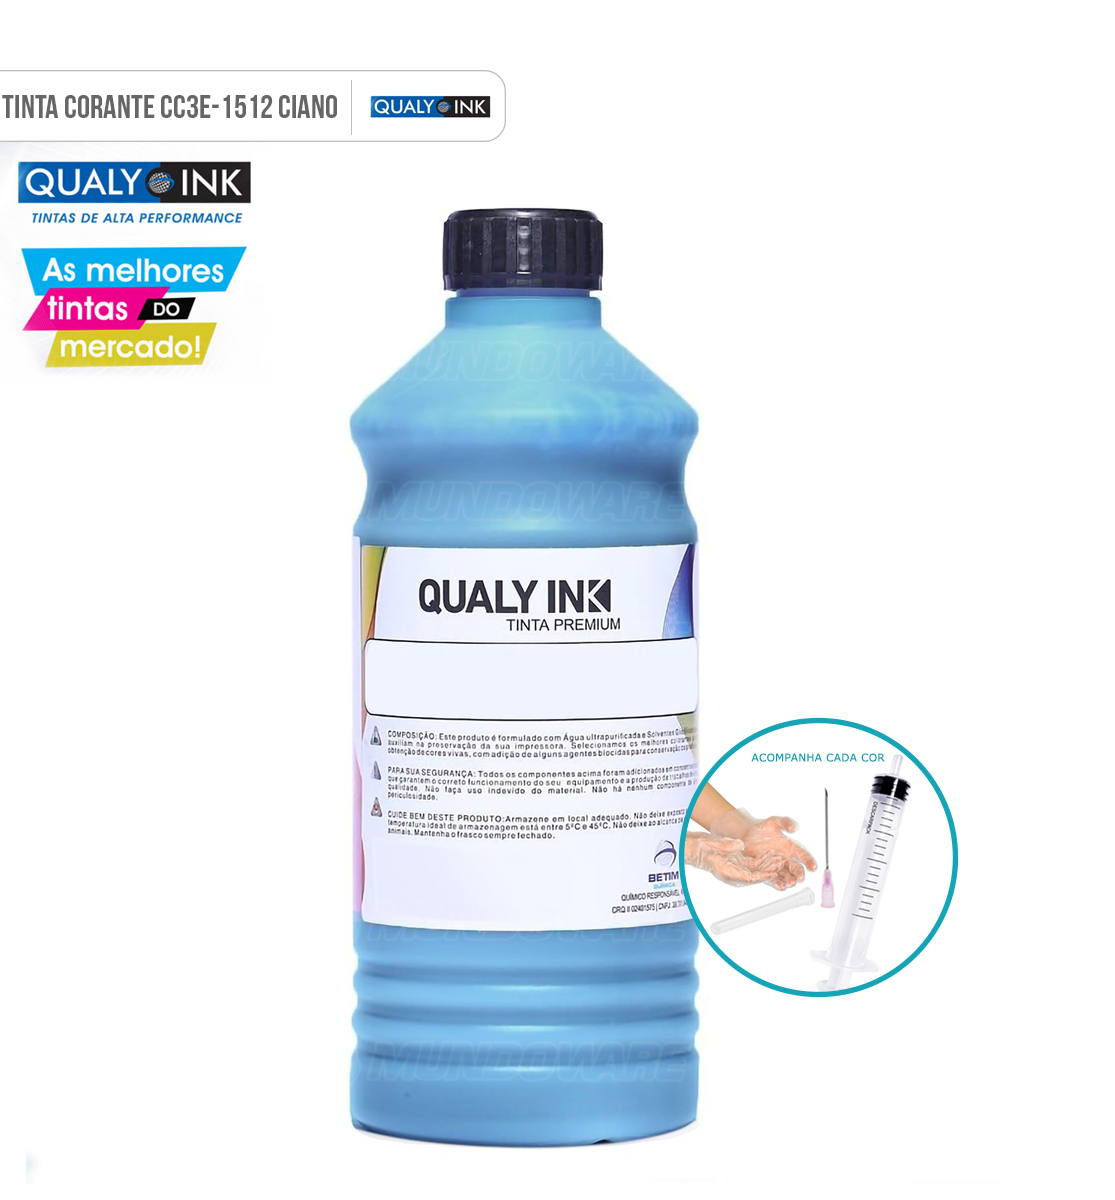 Refil de Tinta Qualy-Ink Ciano Corante para Epson série 664 impressoras L100 L110 L120 L200 L210 L220 L300 L355 L365 L375 L380 L395 L396 L455 L475 L495 L550 L555 L565 L575 L606